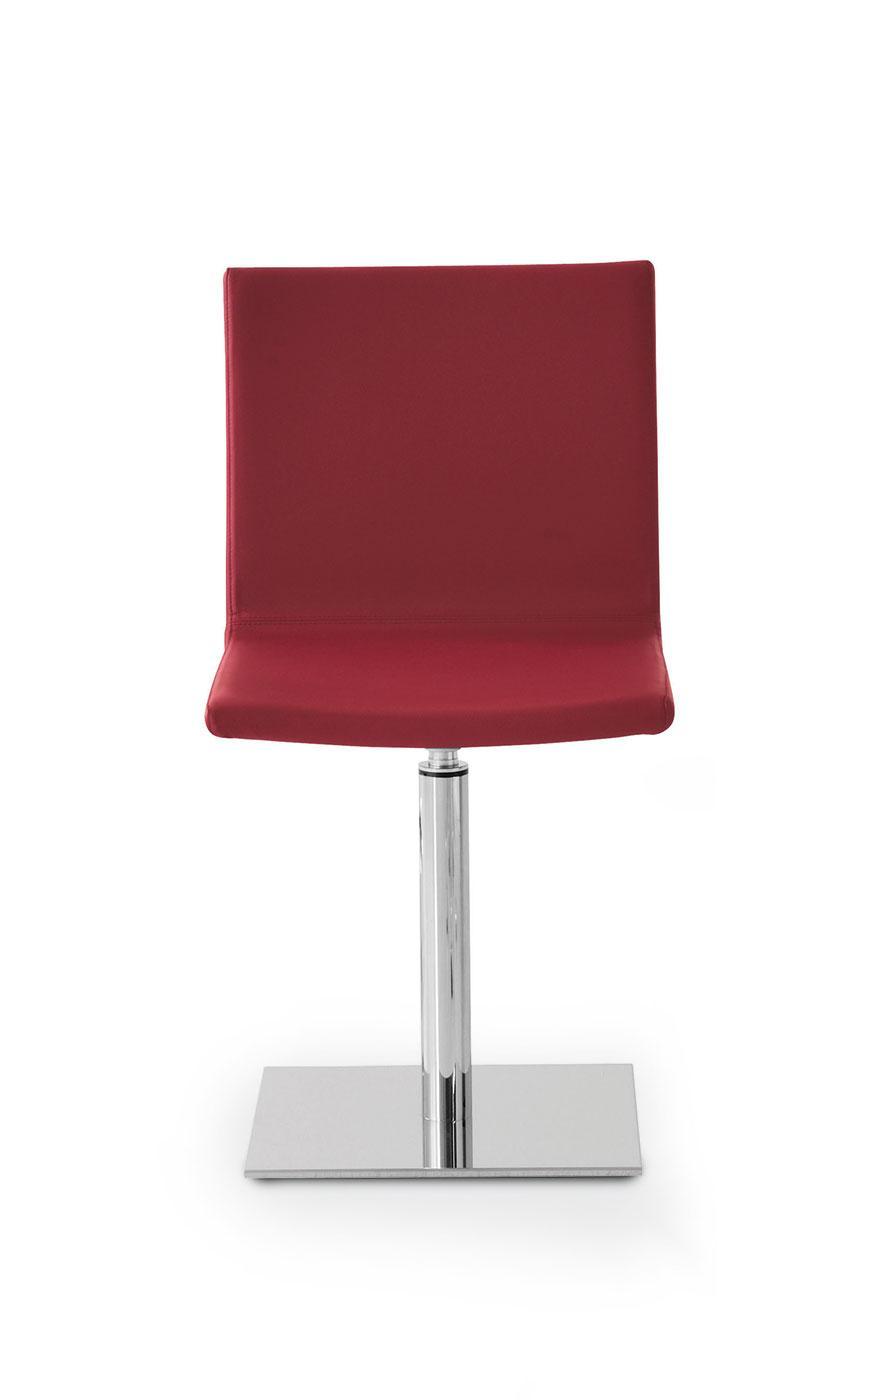 Malena sedia con base quadrata - Italy Dream Design